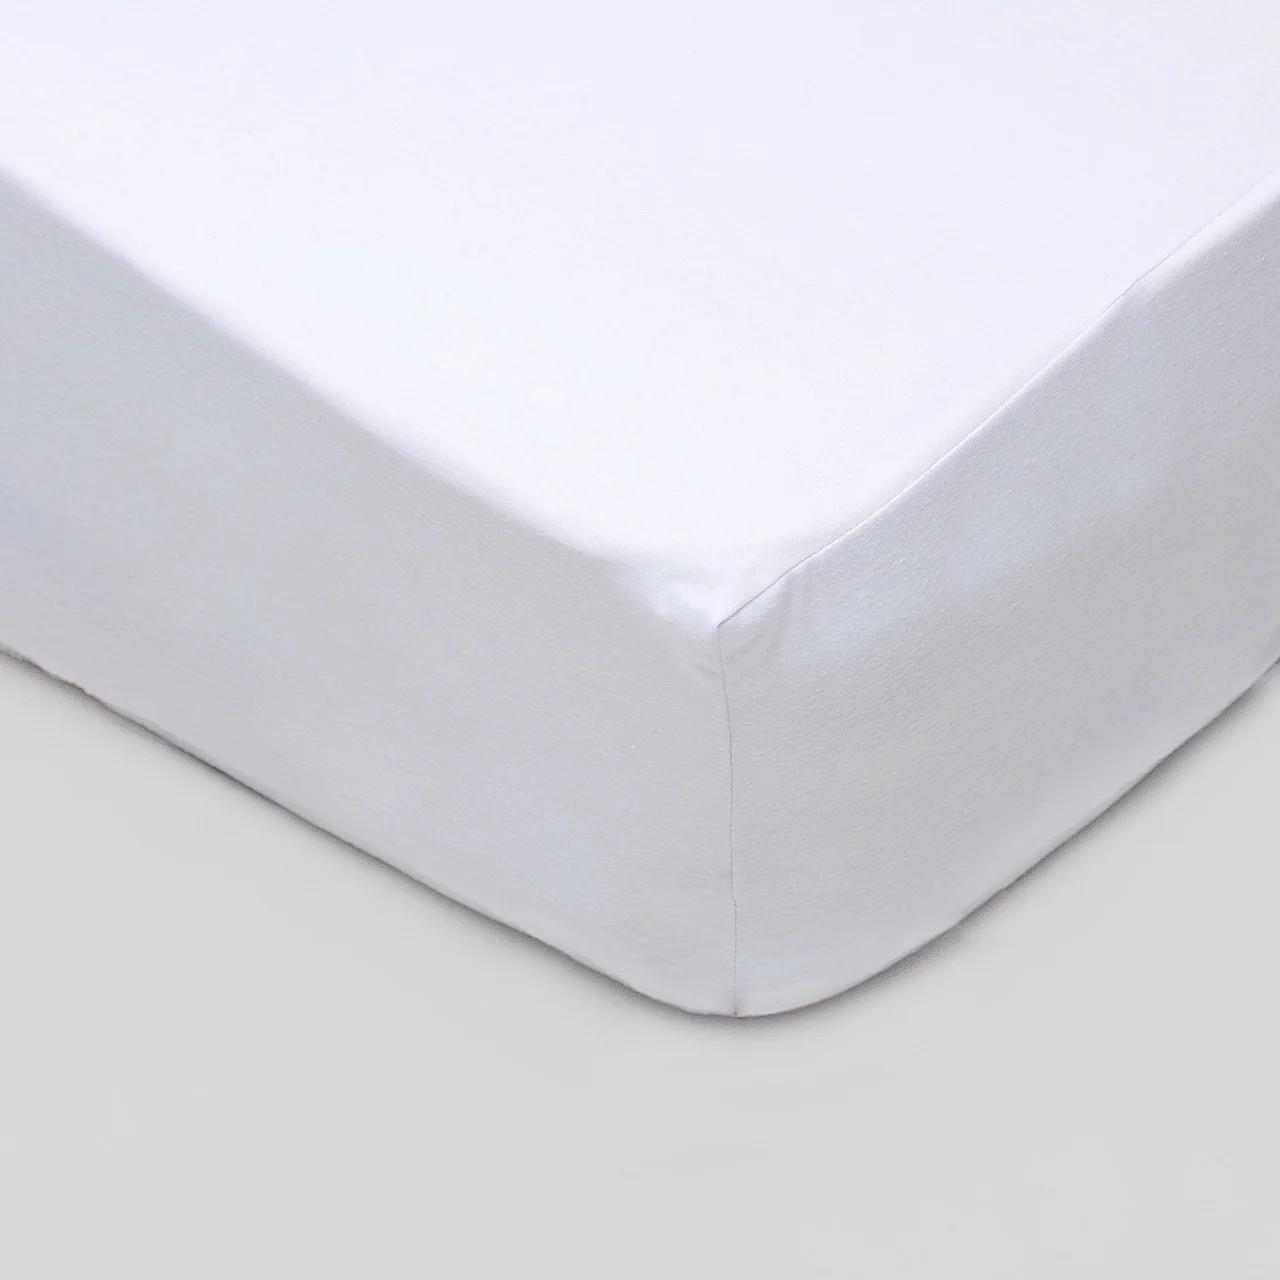 Непромокаемая простынь - наматрасник LB, 200*200